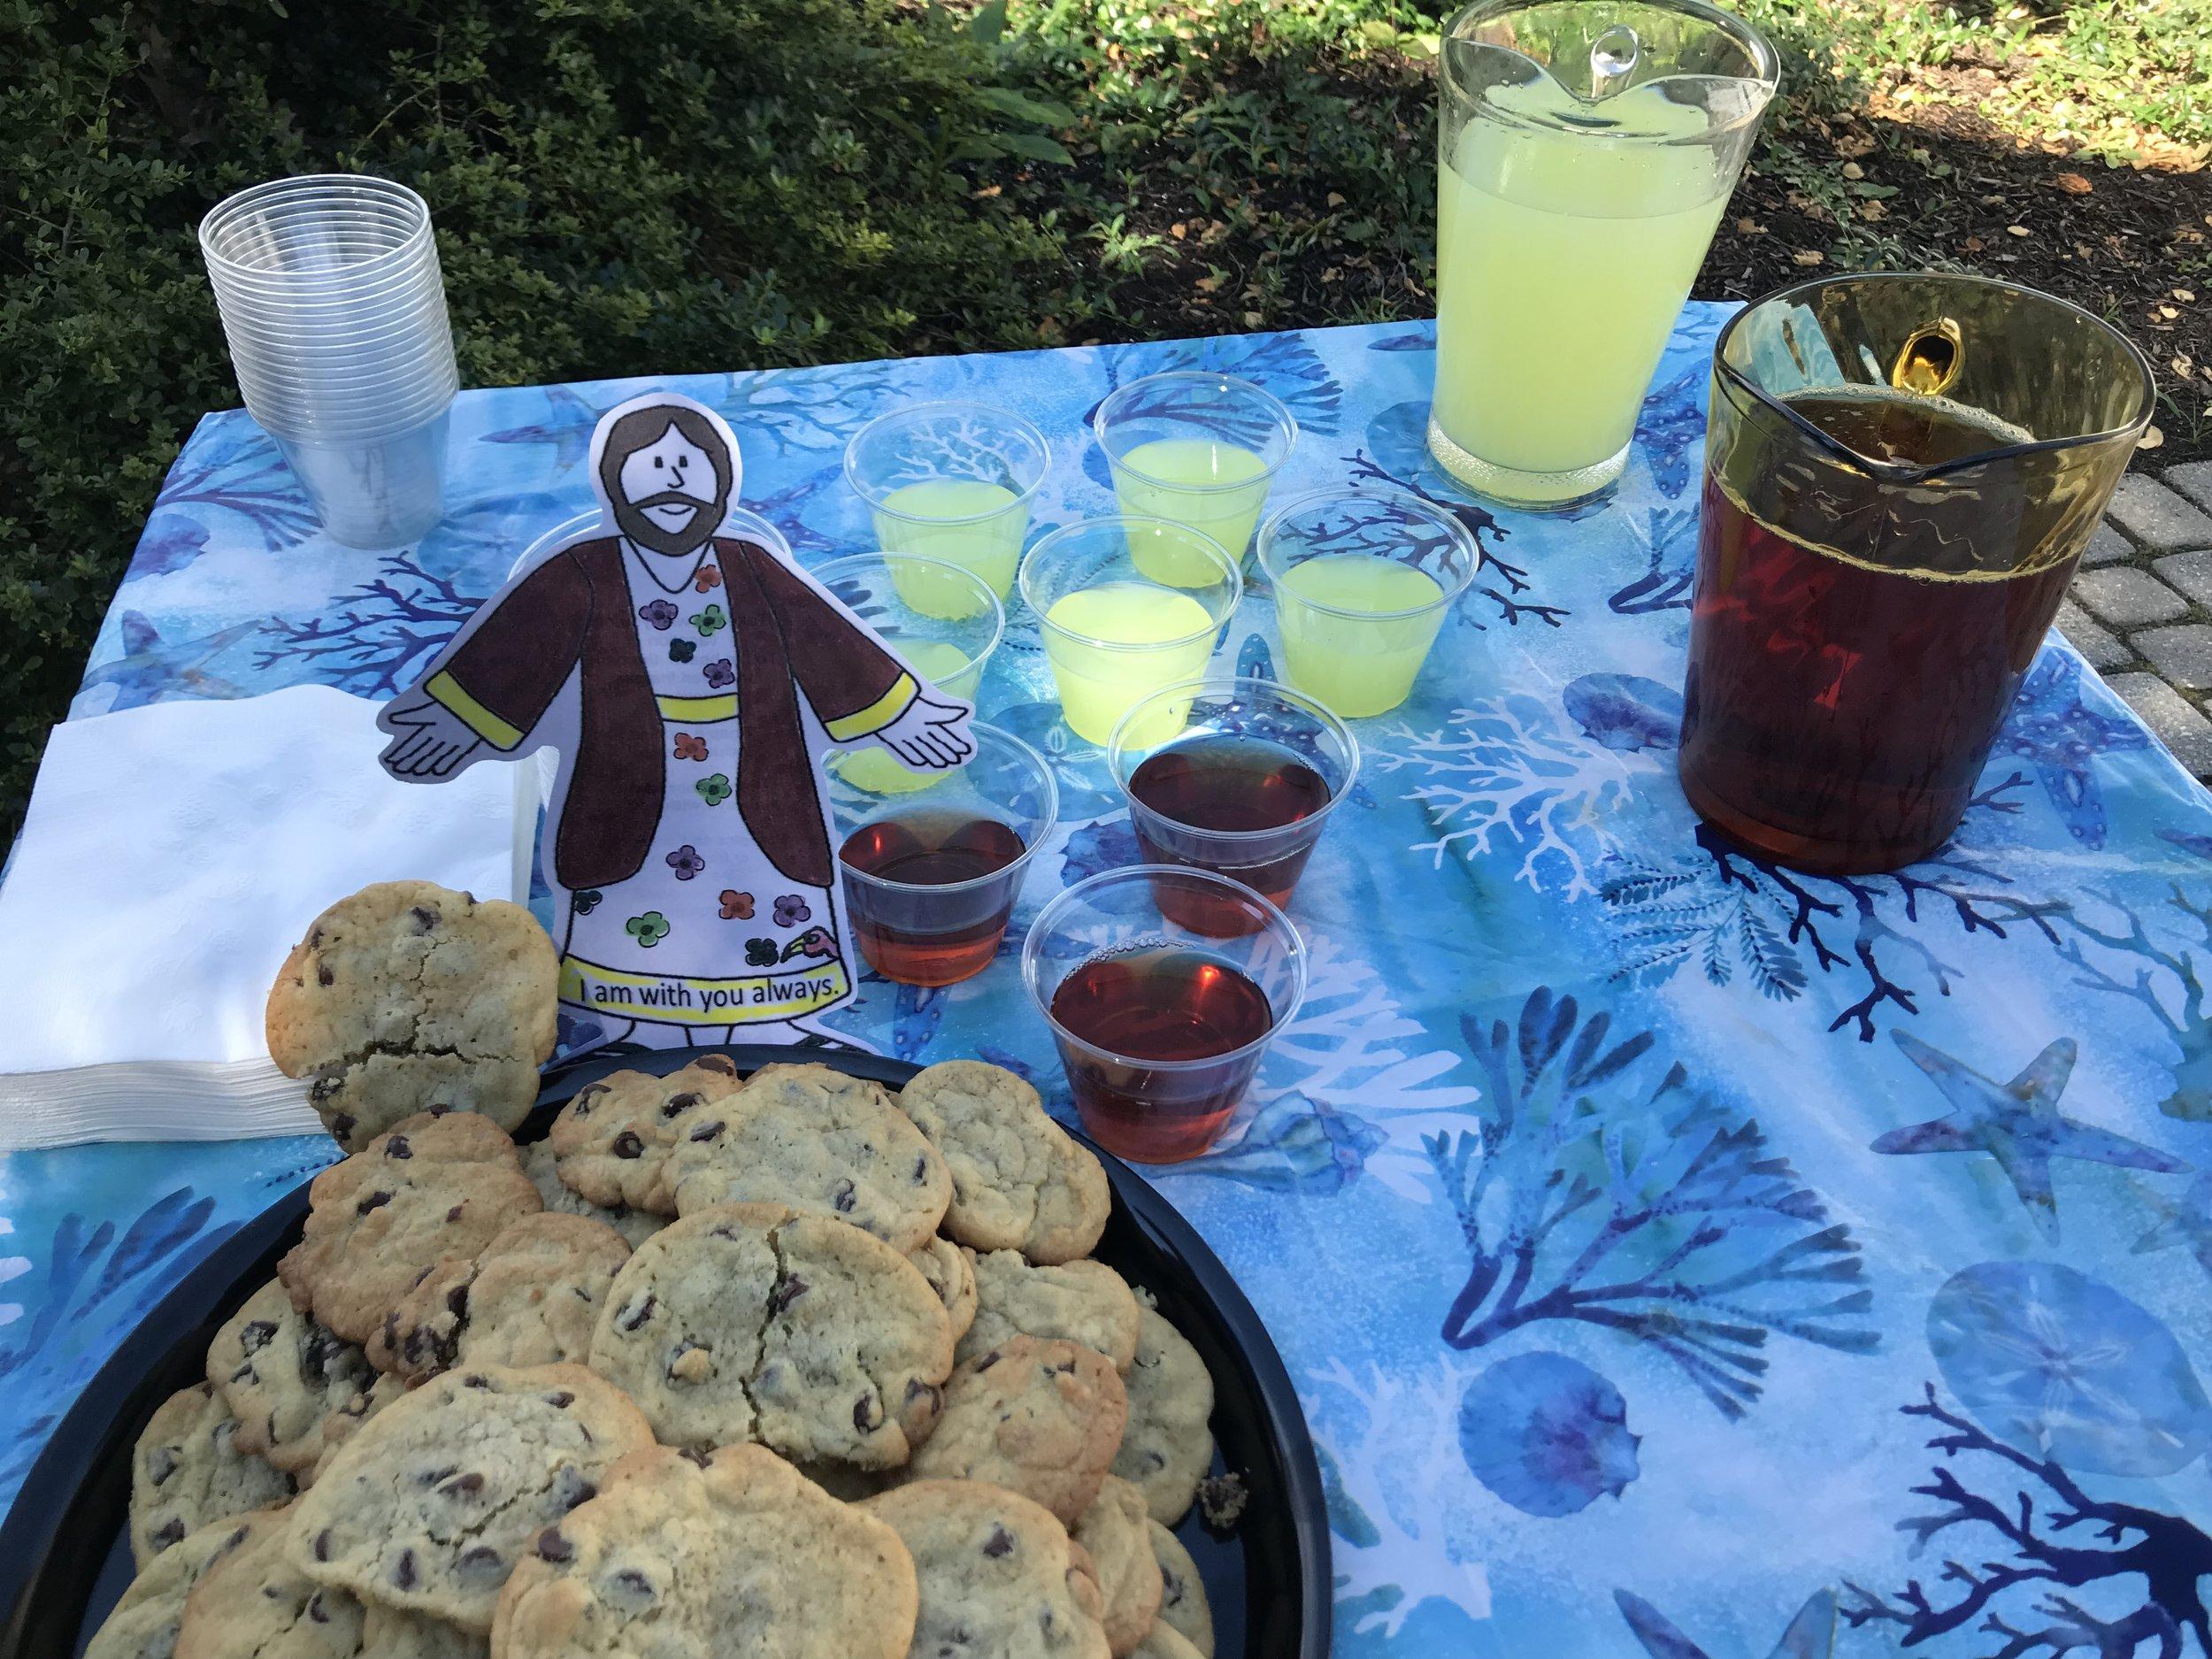 Sunday hospitality at St. John's